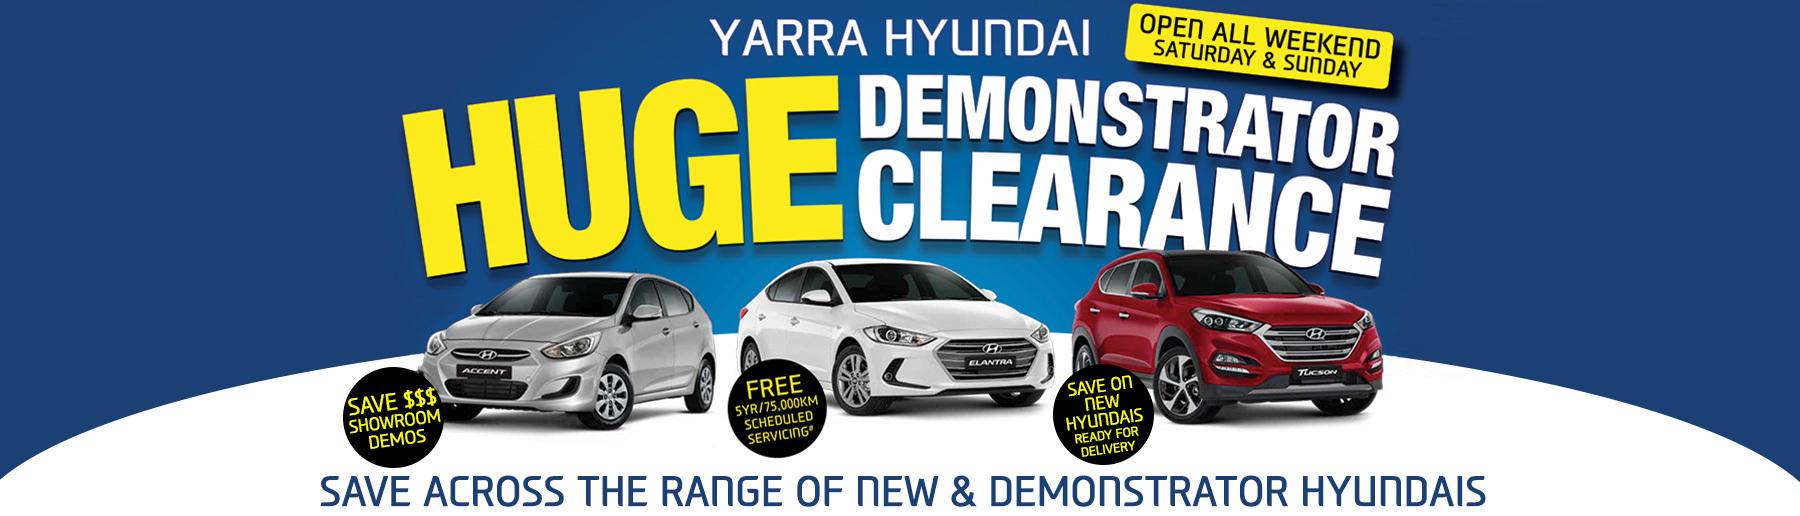 Yarra Hyundai Demo Clearance